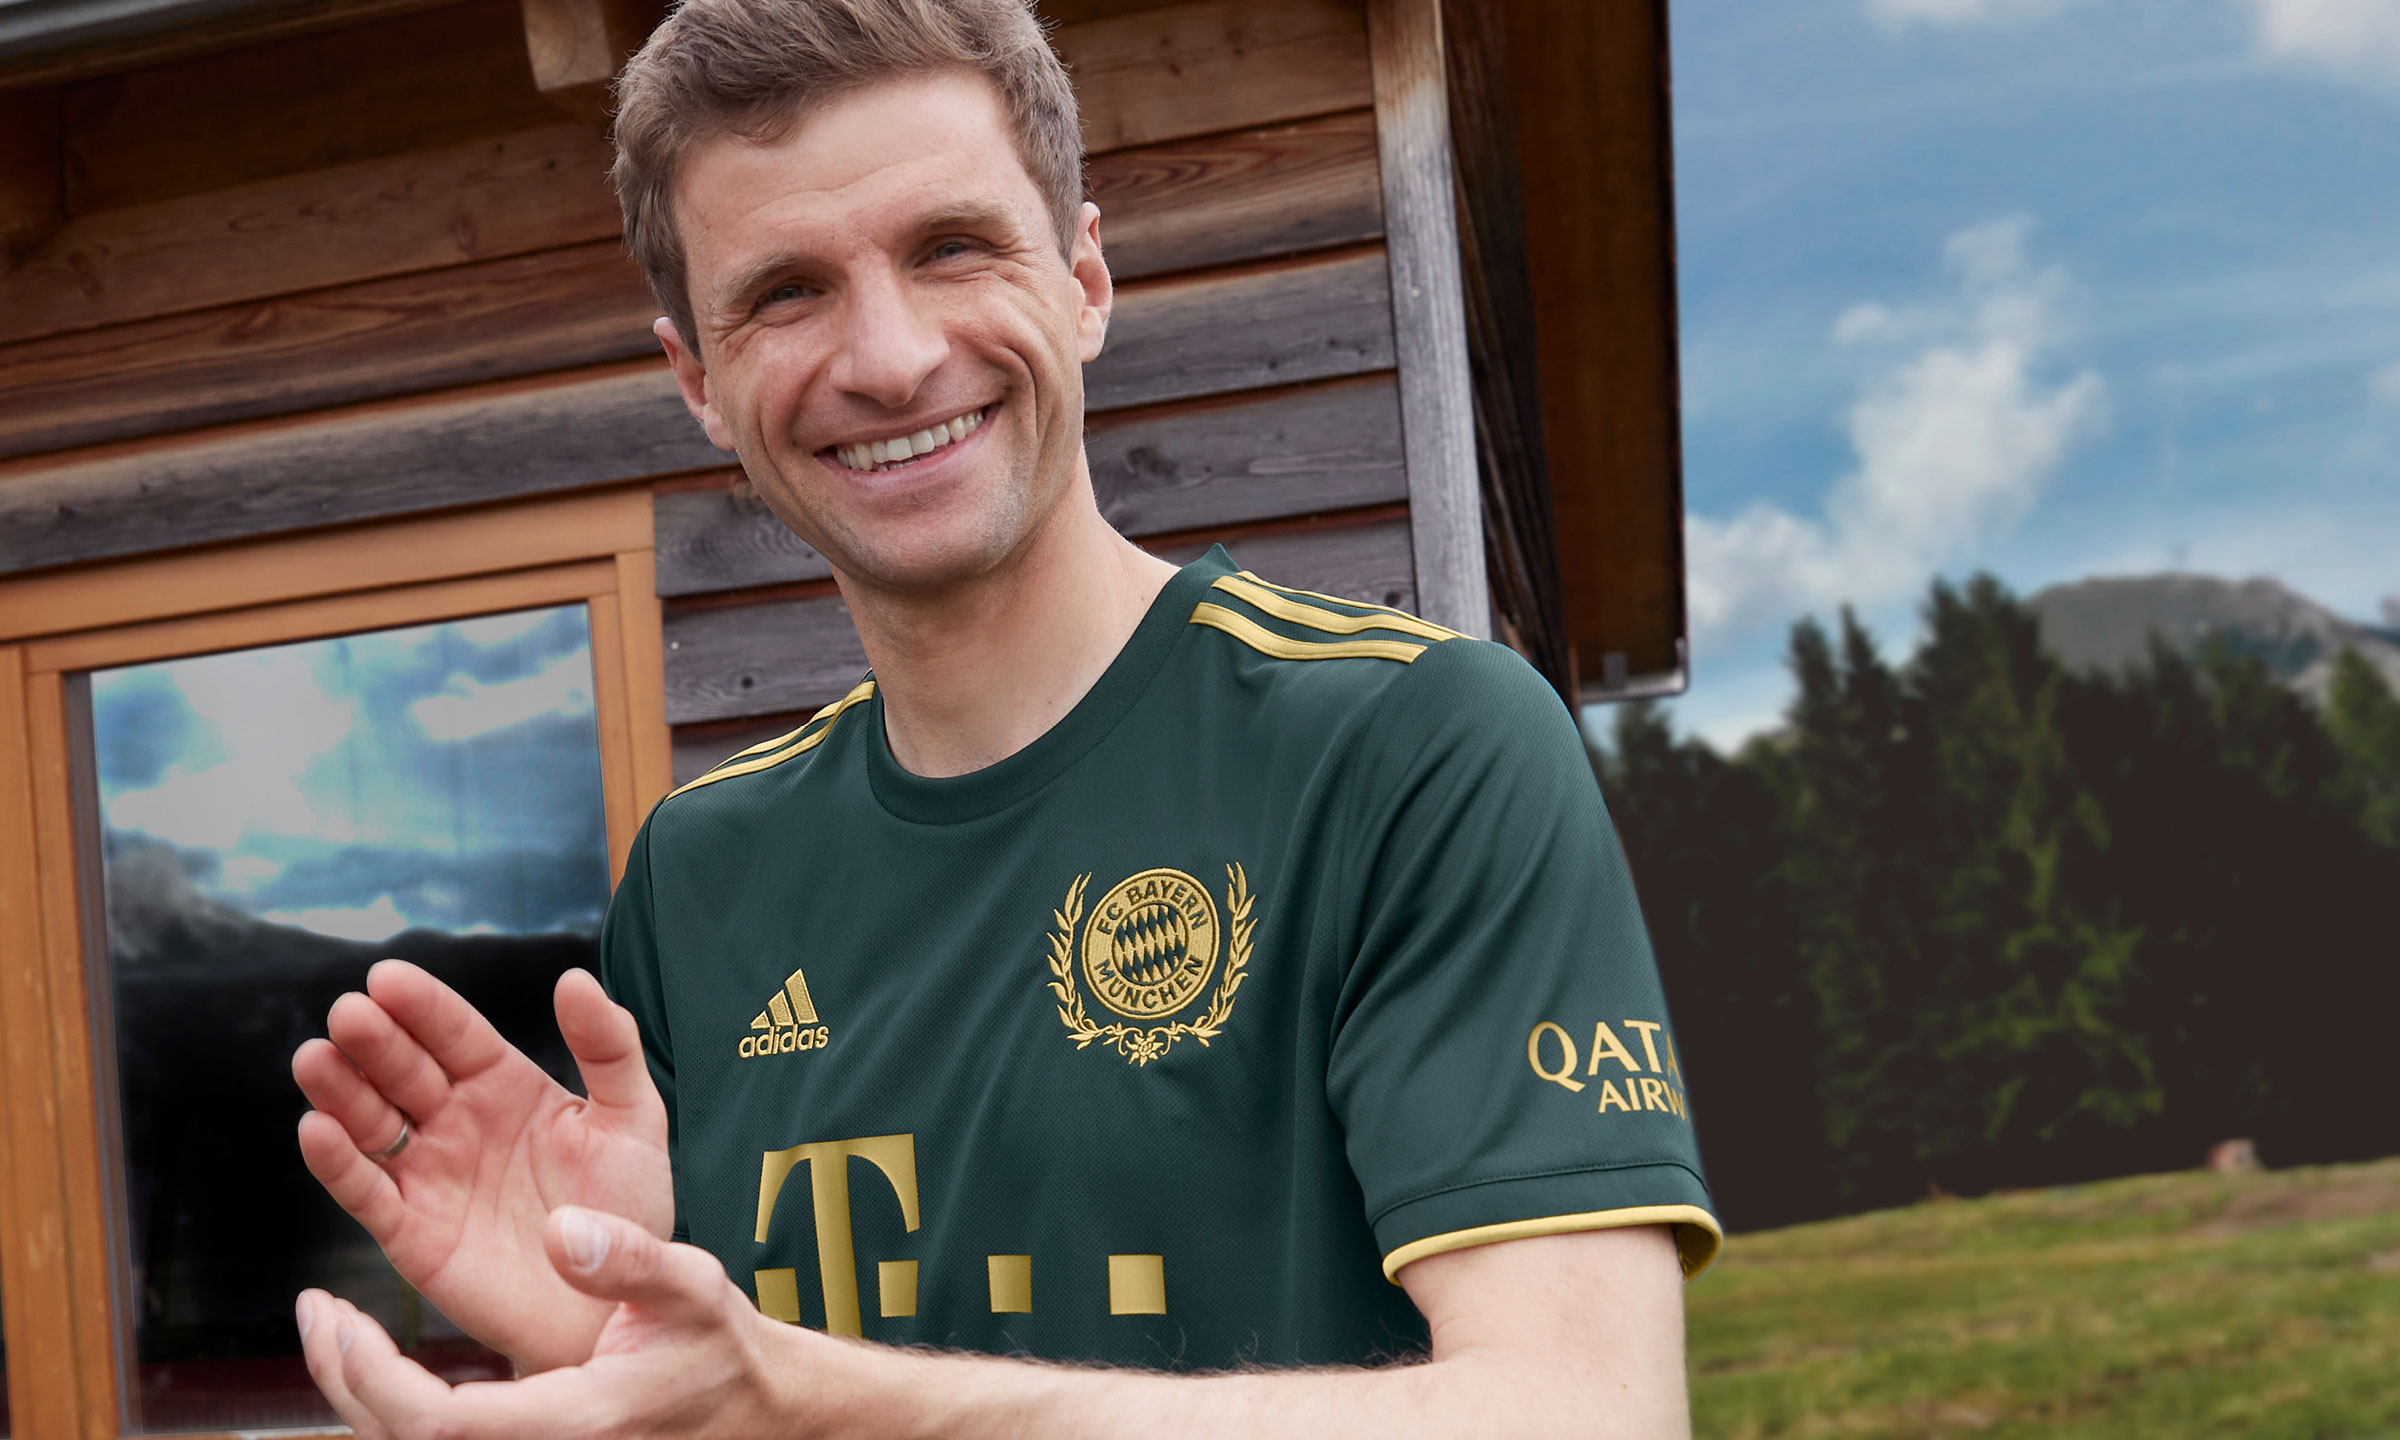 拜仁慕尼黑发布啤酒节主题新球衣